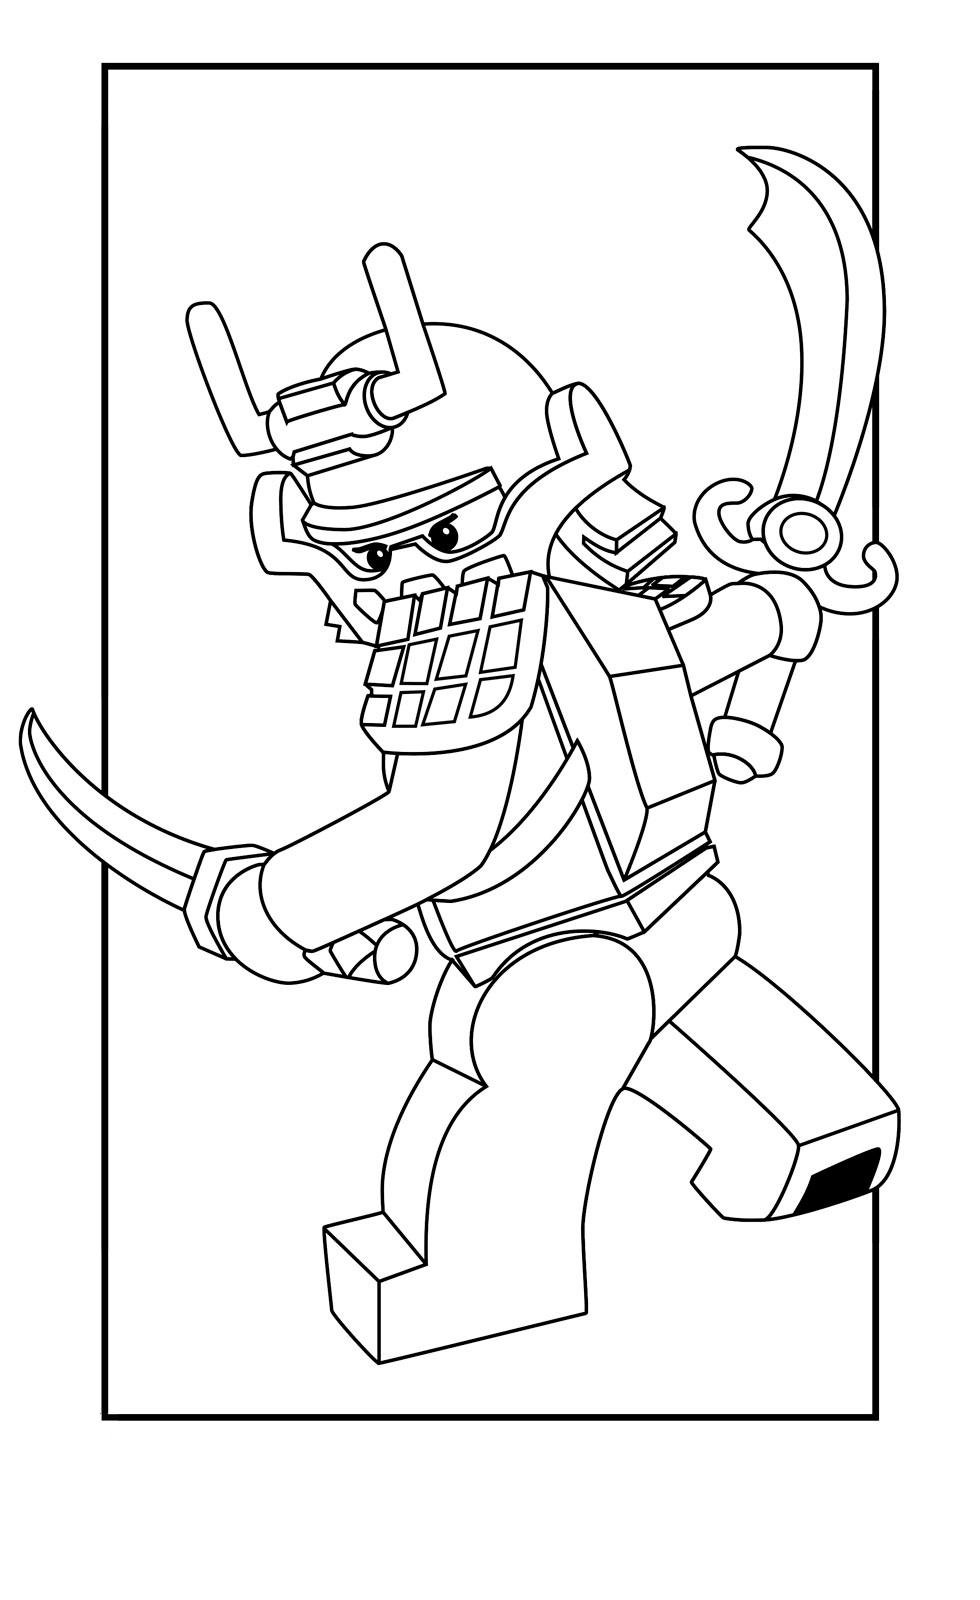 Раскраска Кай самурай распечатать или скачать бесплатно